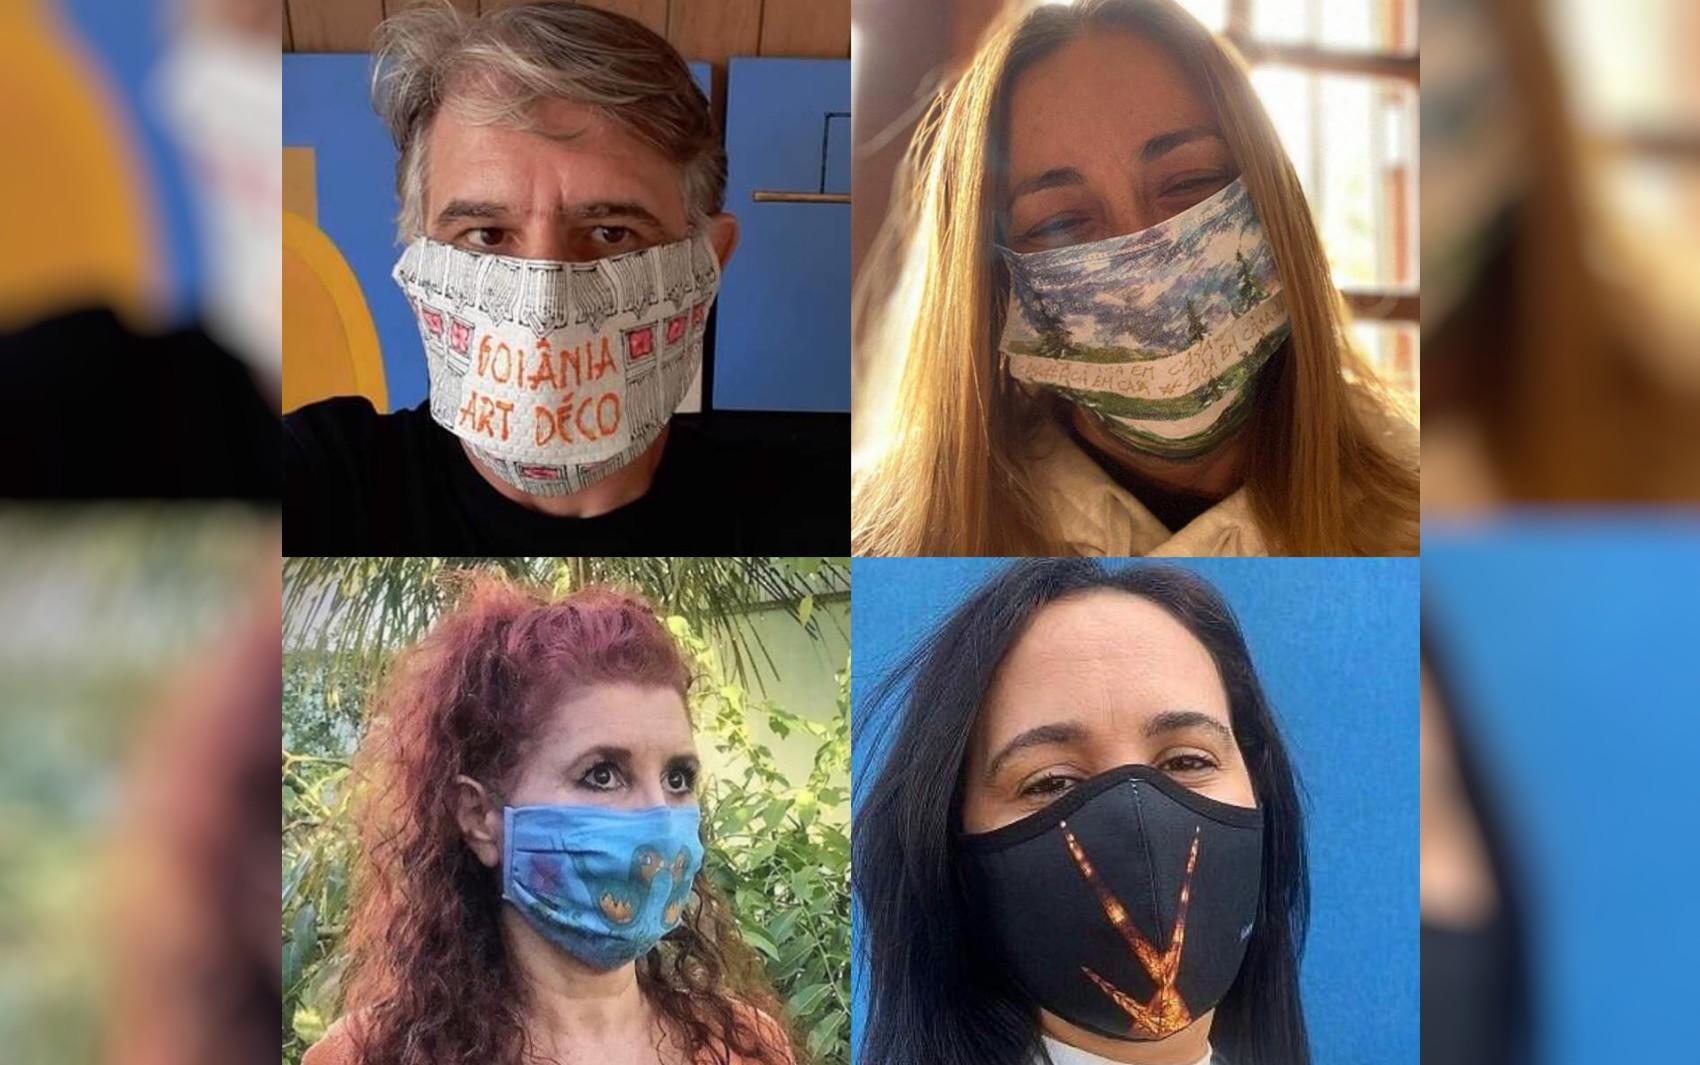 Artistas de Goiás transformam máscaras em obras de arte e expõem na internet